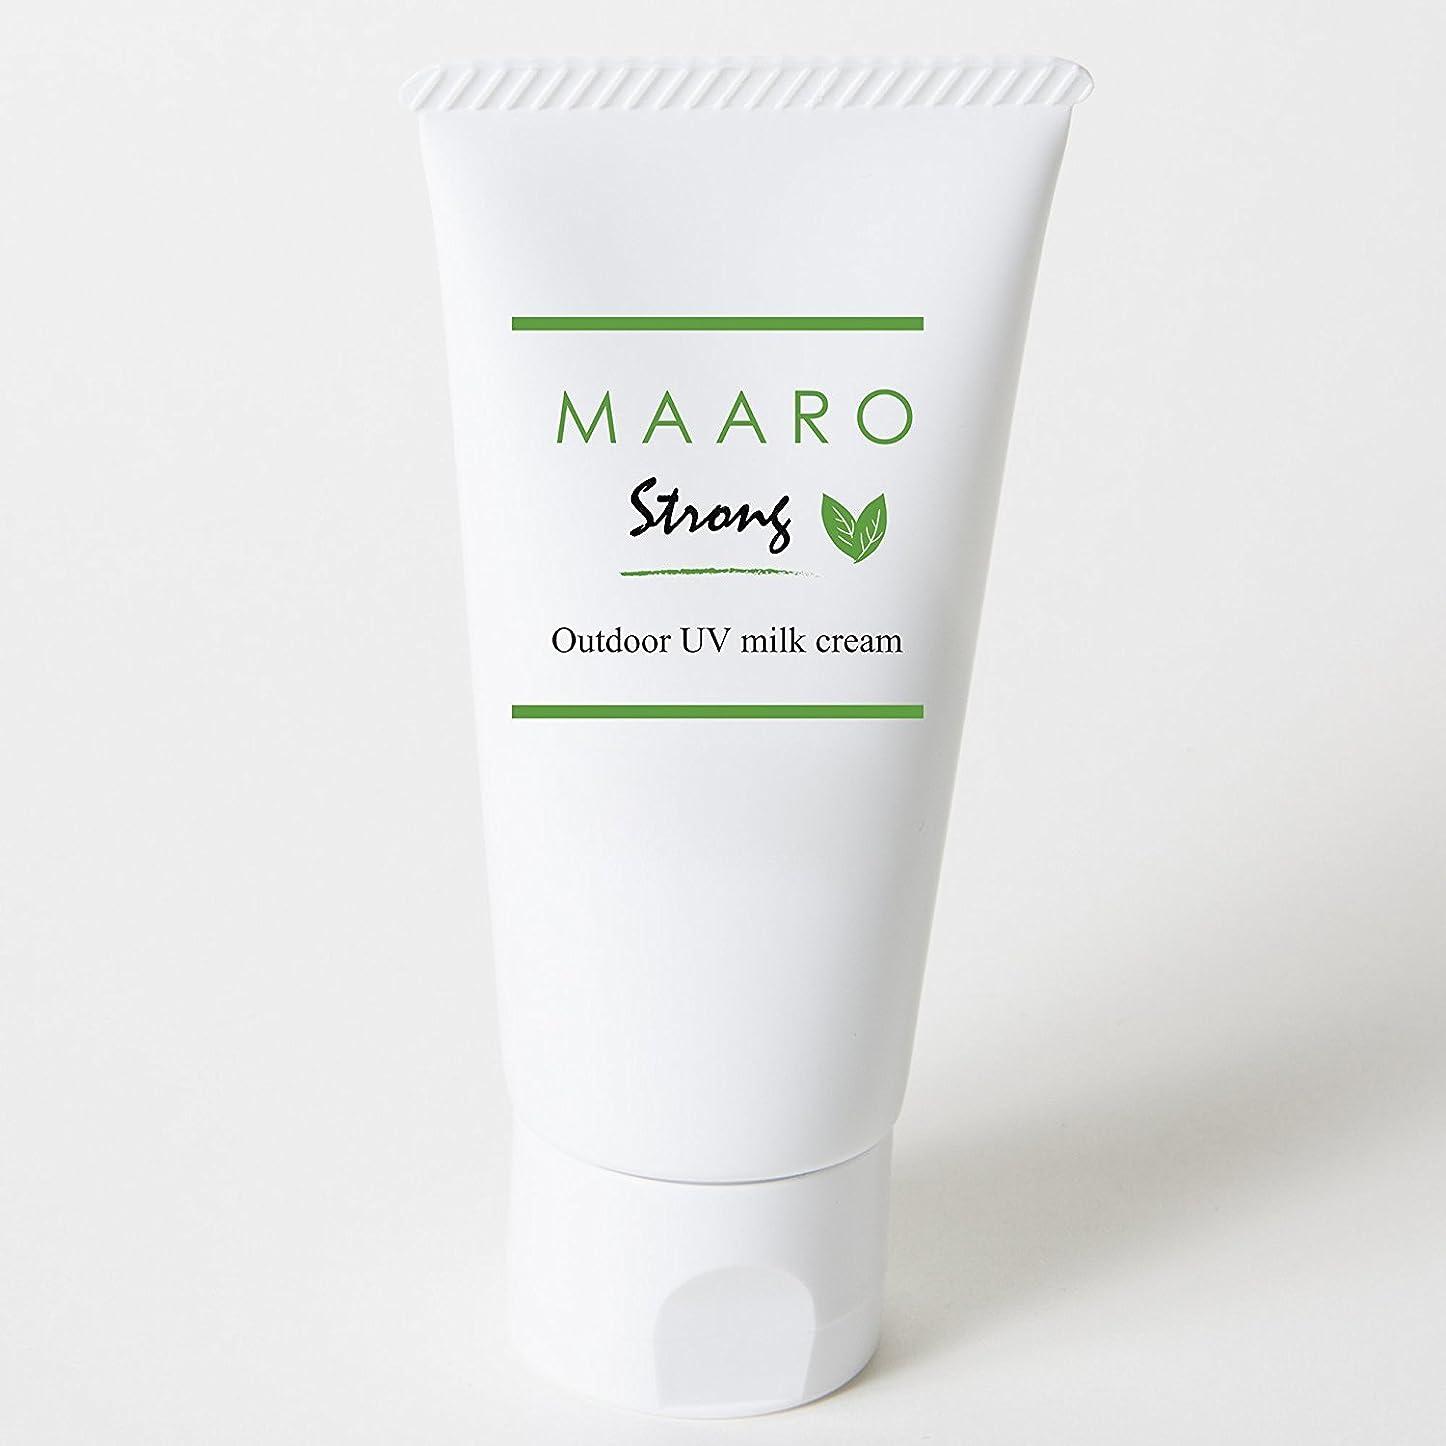 間違えたに変わるコースMAARO Strong(マアロストロング)アロマミルククリーム SPF30、PA+++ 60ml